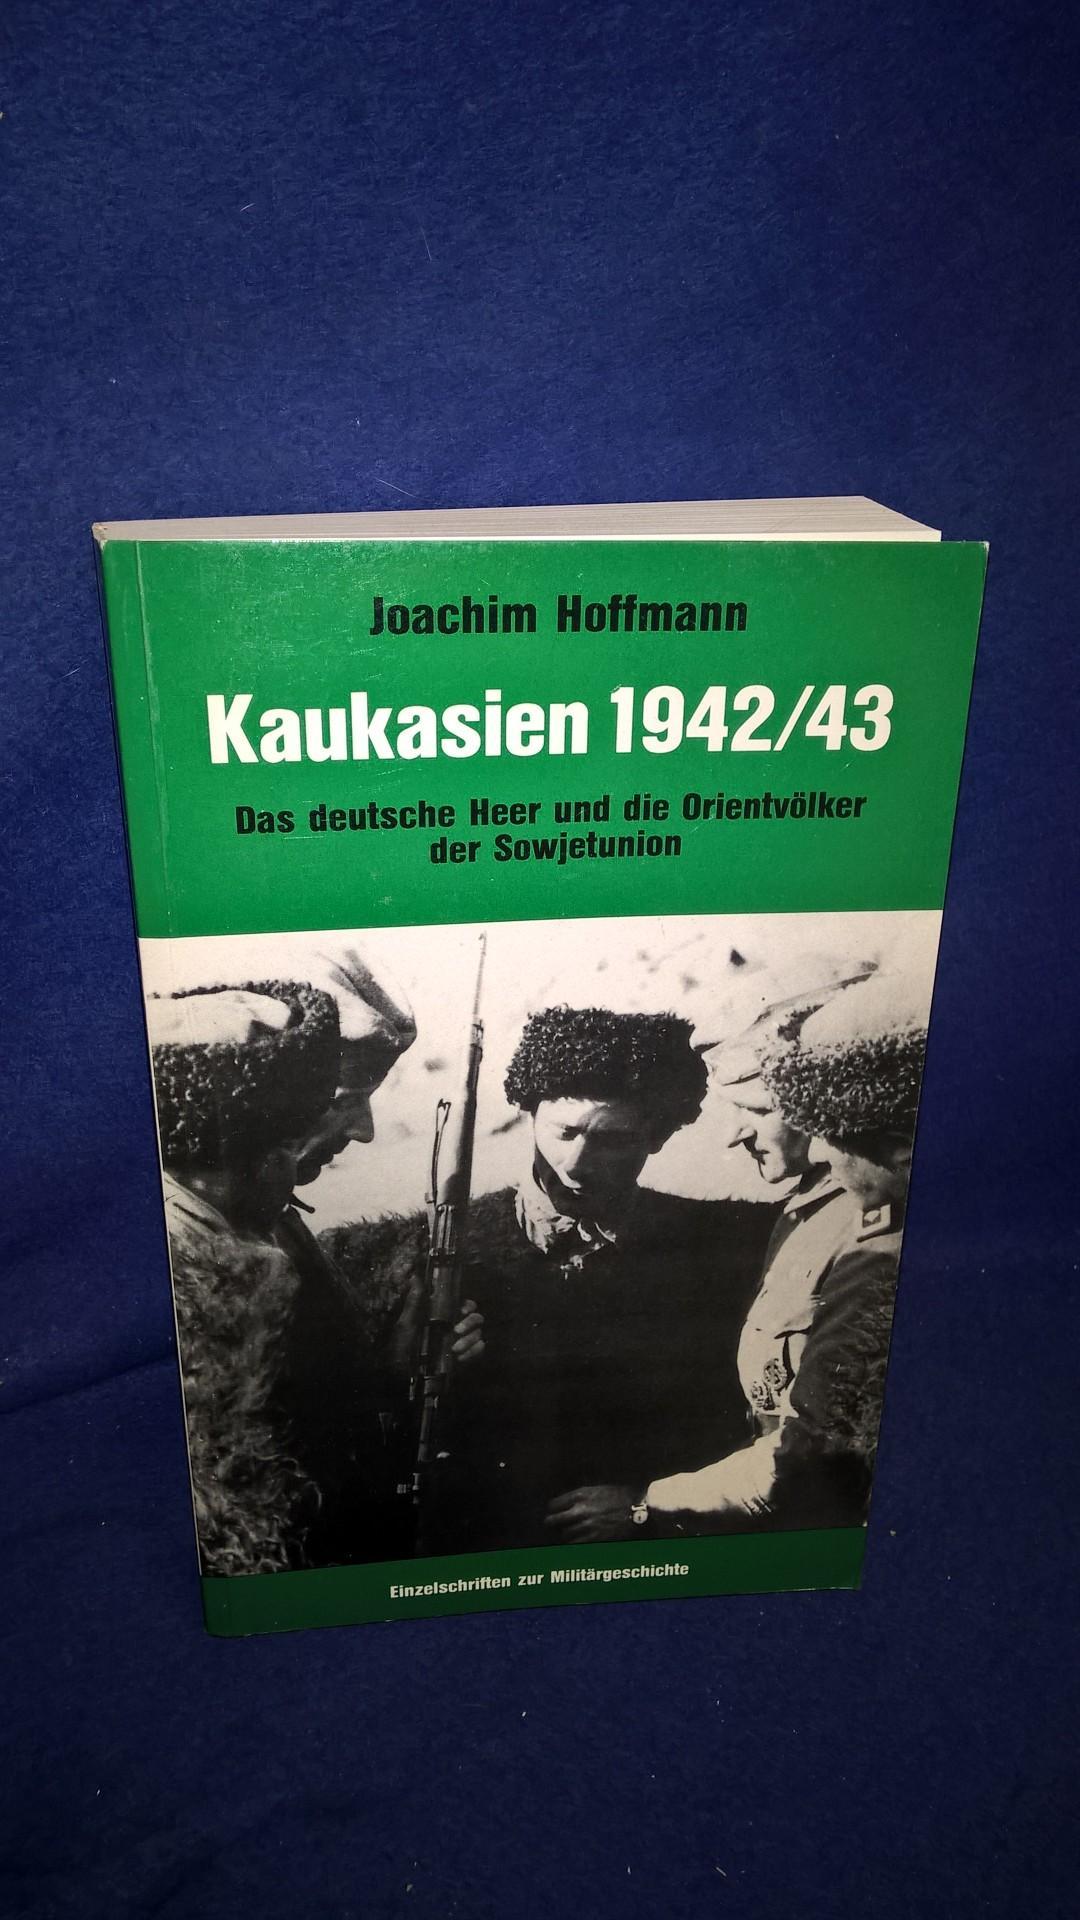 Kaukasien 1942/43 - Das deutsche Heer und die Orientvölker der Sowjetunion. Aus der Reihe: Einzelschriften zur militärischen Geschichte des 2.Weltkrieges, Band 35.